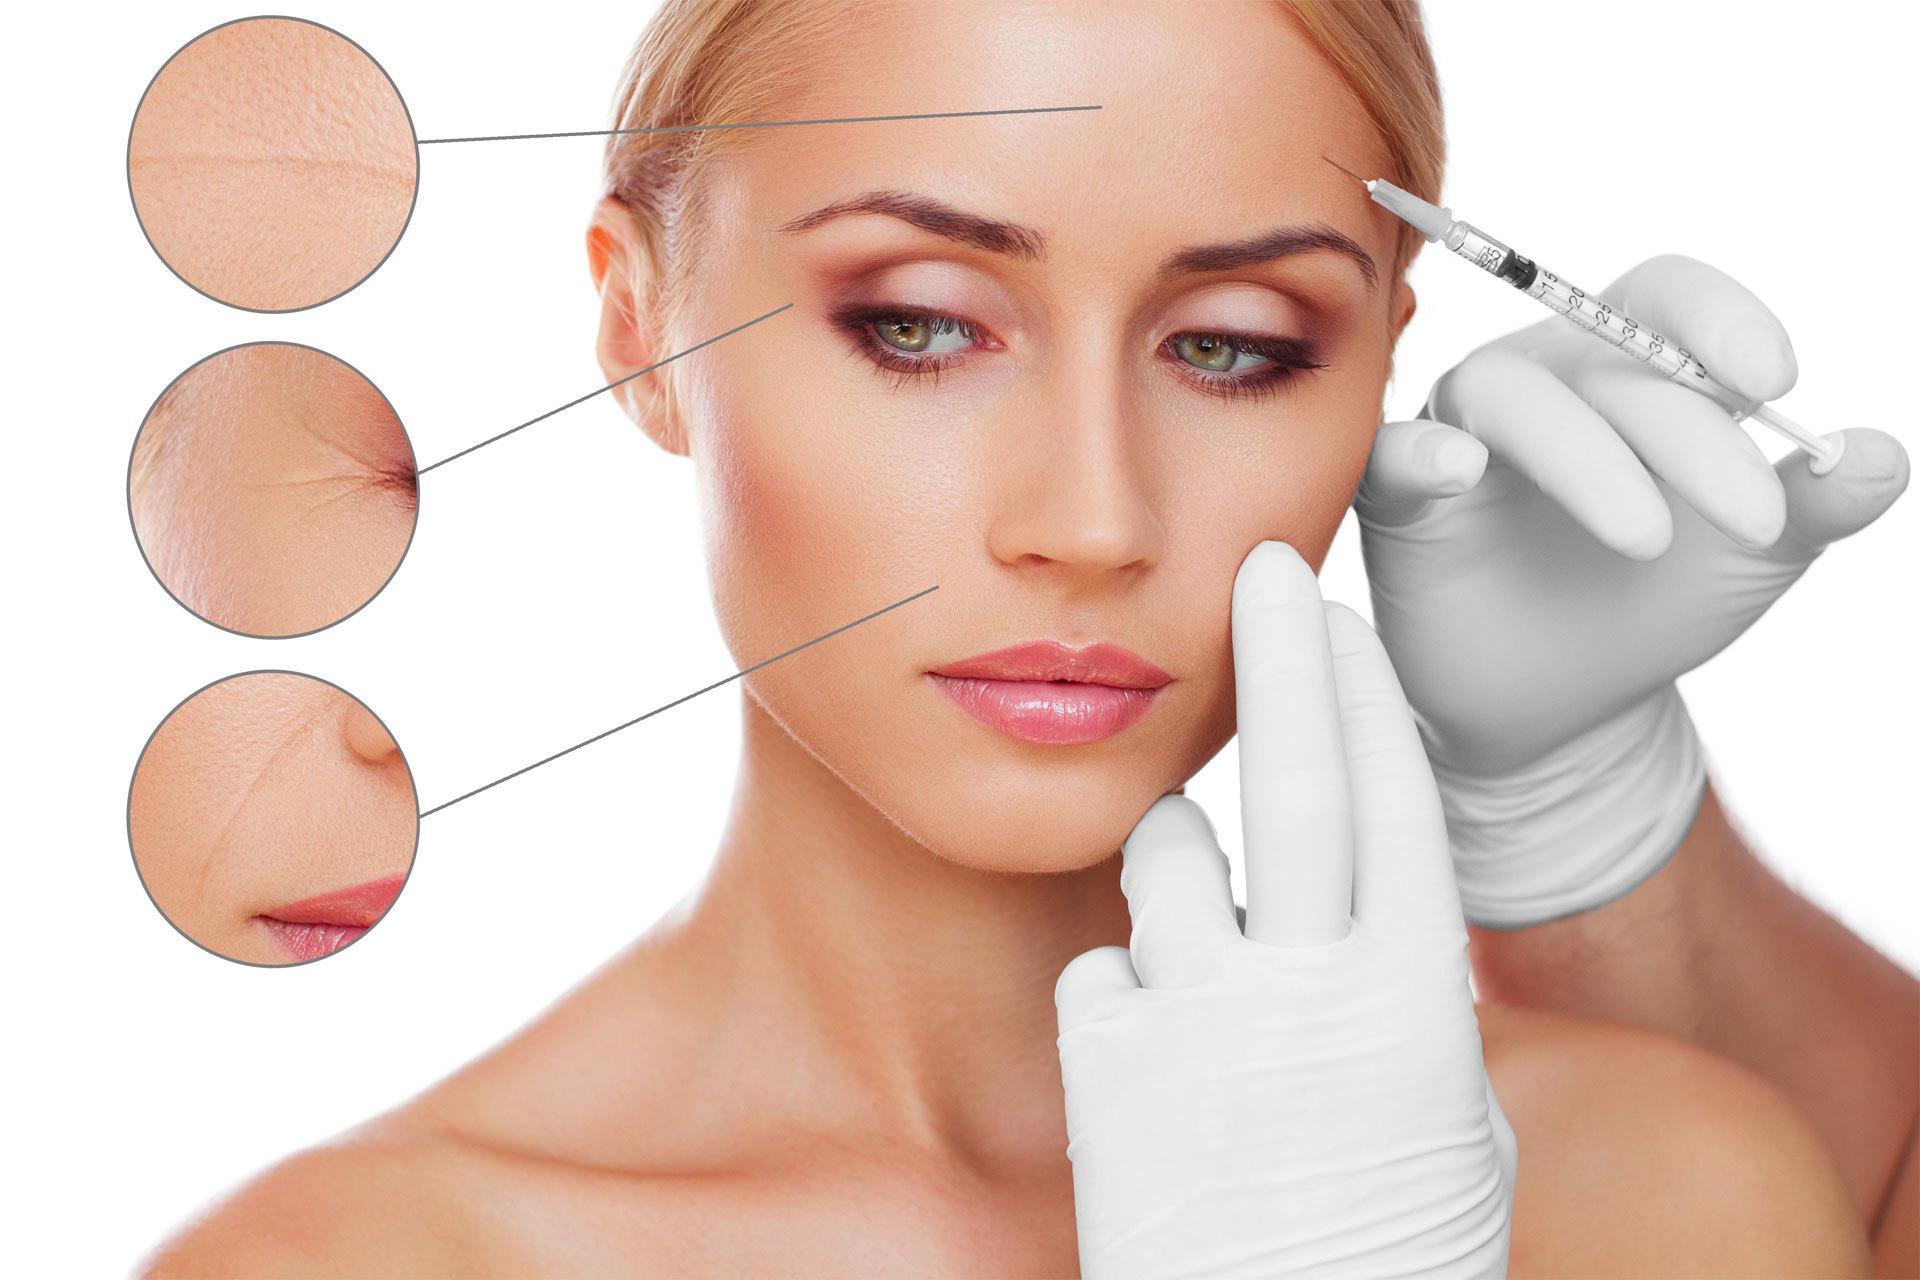 Botox & Fillers- Vad är egentligen skillnaden?